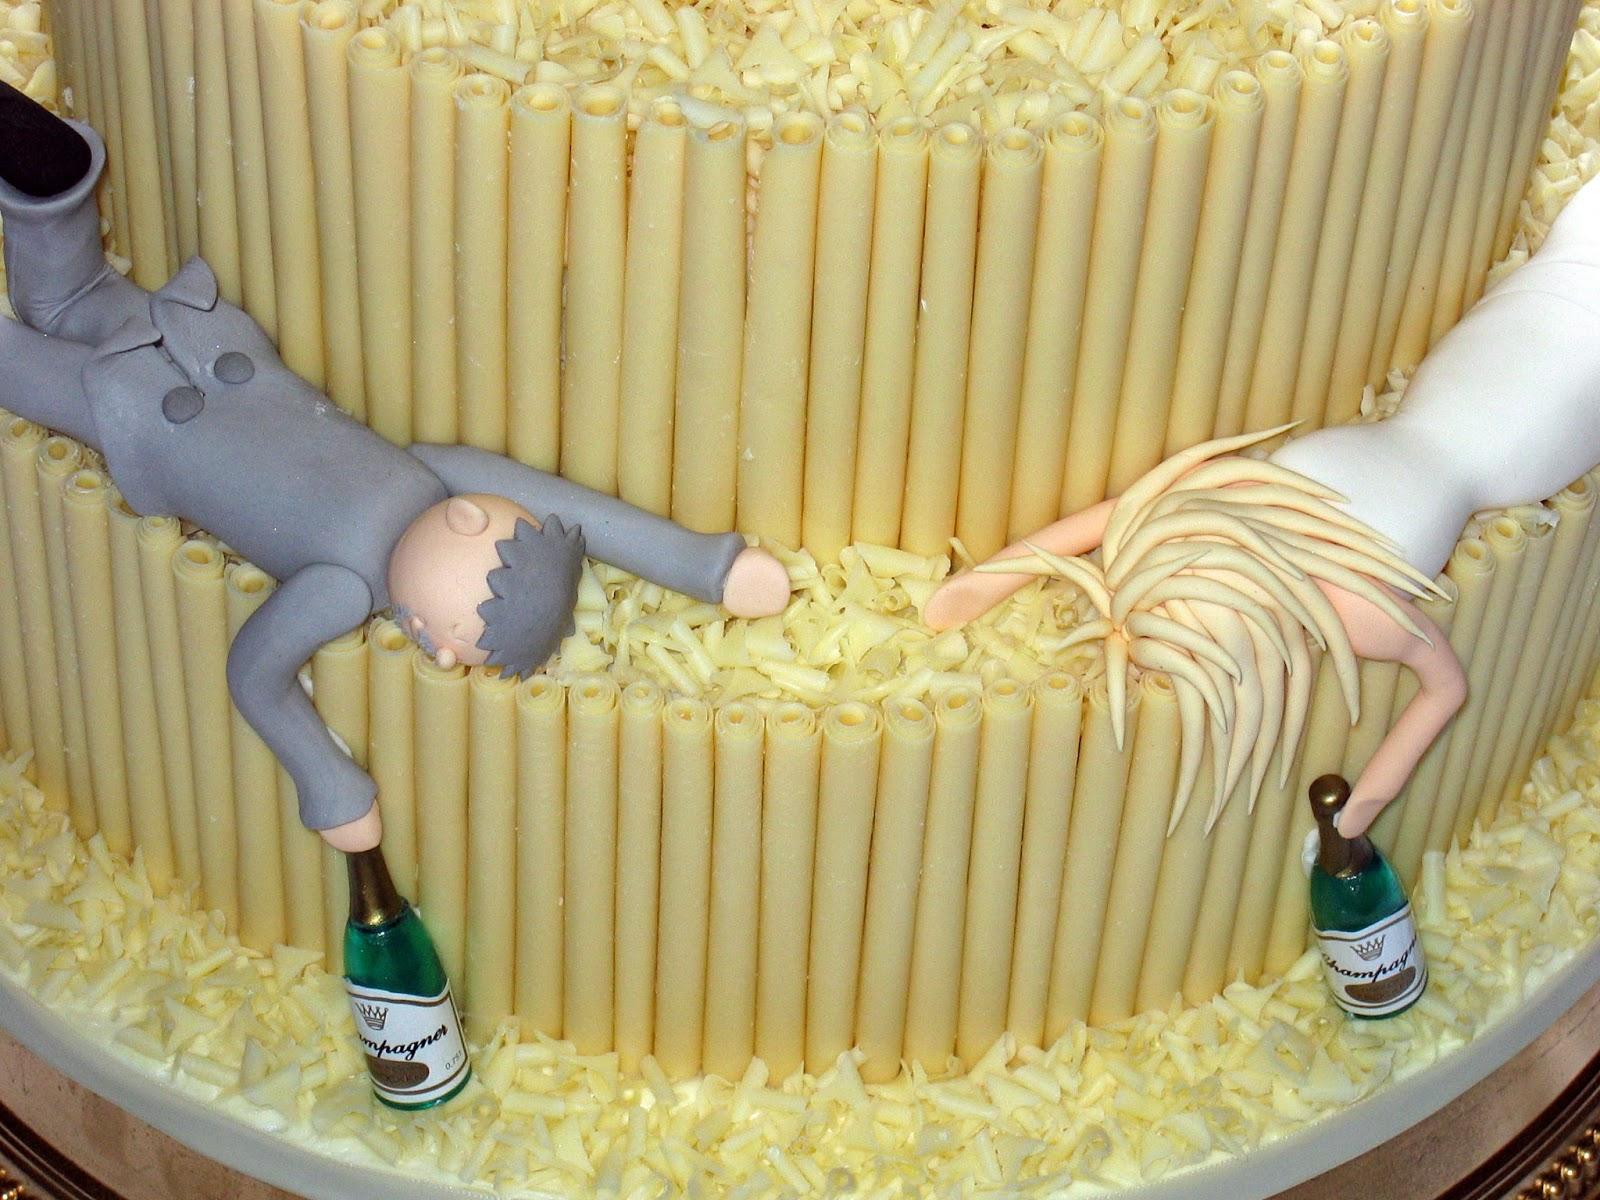 Lista Sabores del pastel de bodas